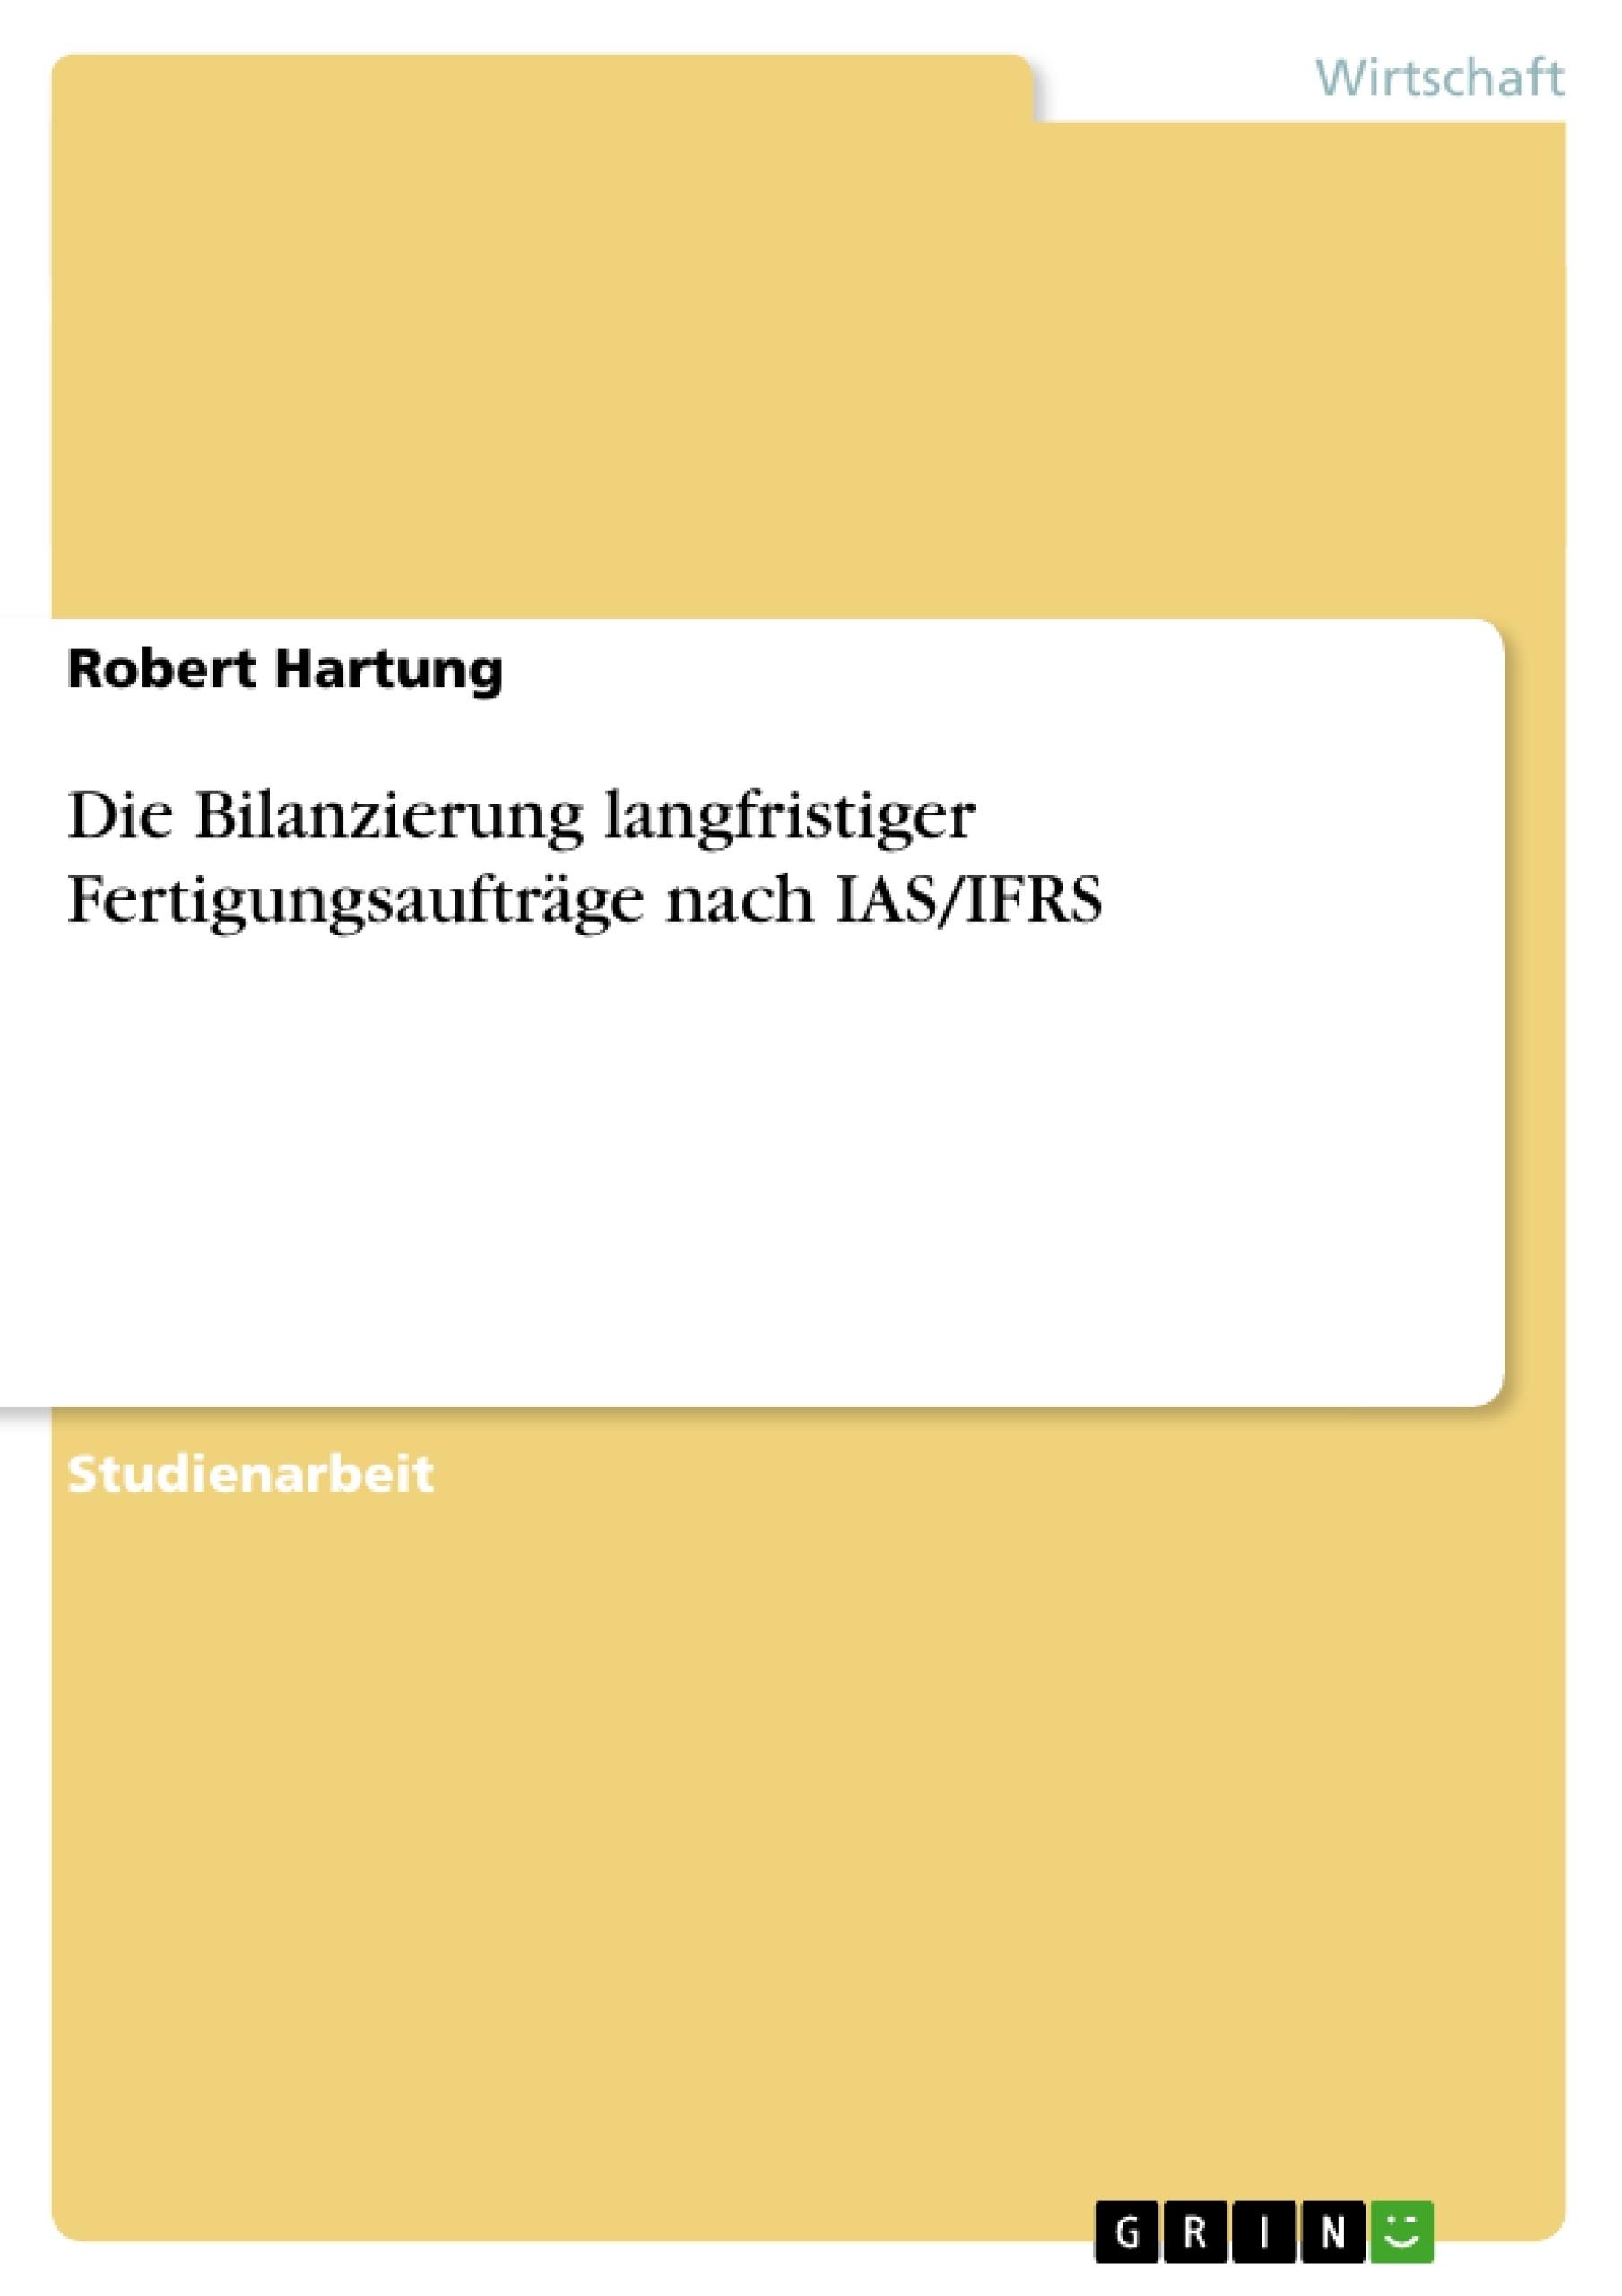 Titel: Die Bilanzierung langfristiger Fertigungsaufträge nach IAS/IFRS